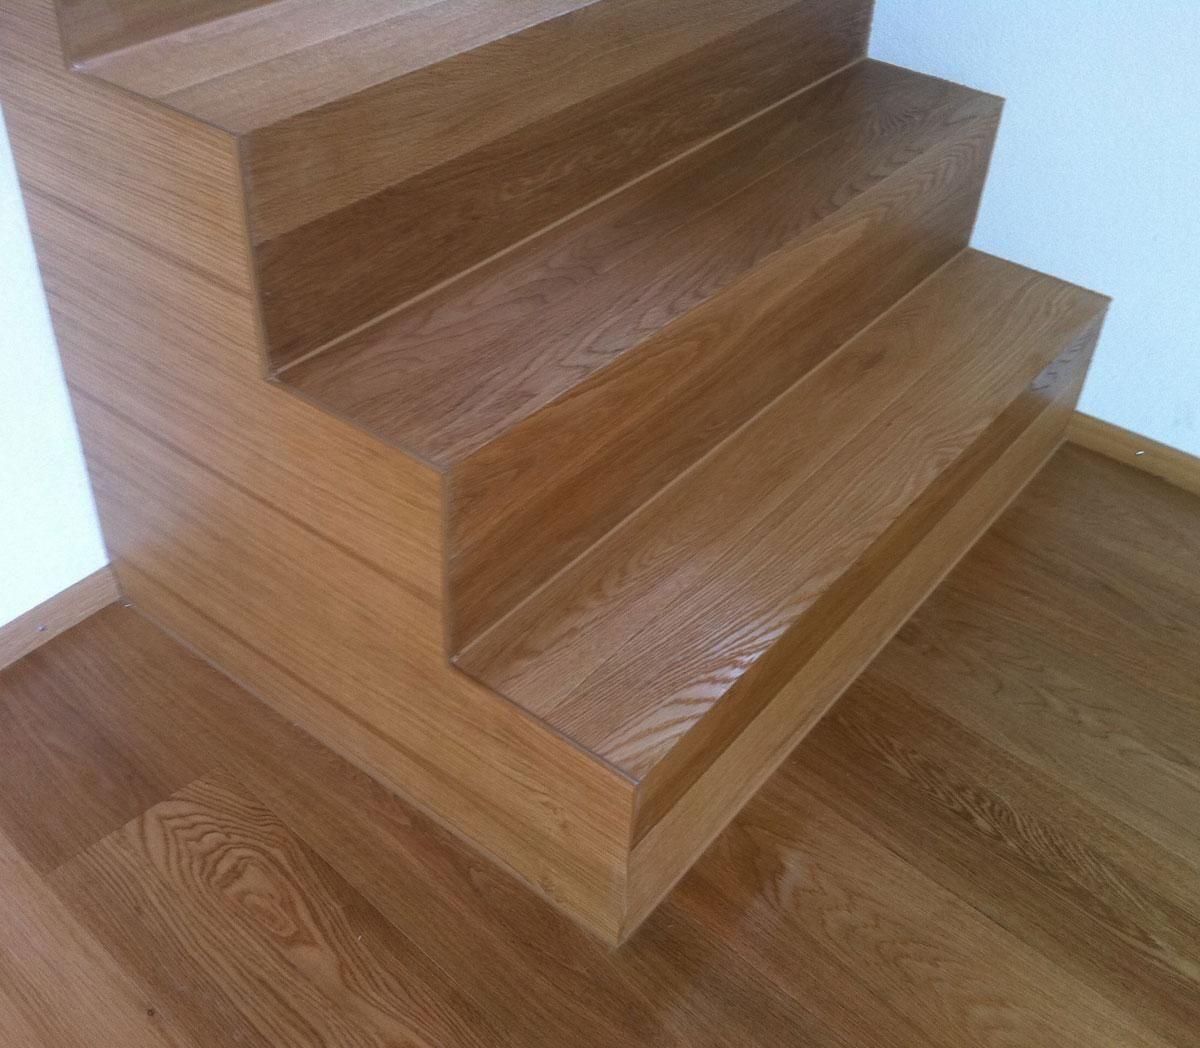 Pvc Holzboden ferrer floors ag parkett in basel reinach bodenbeläge linoleum pvc